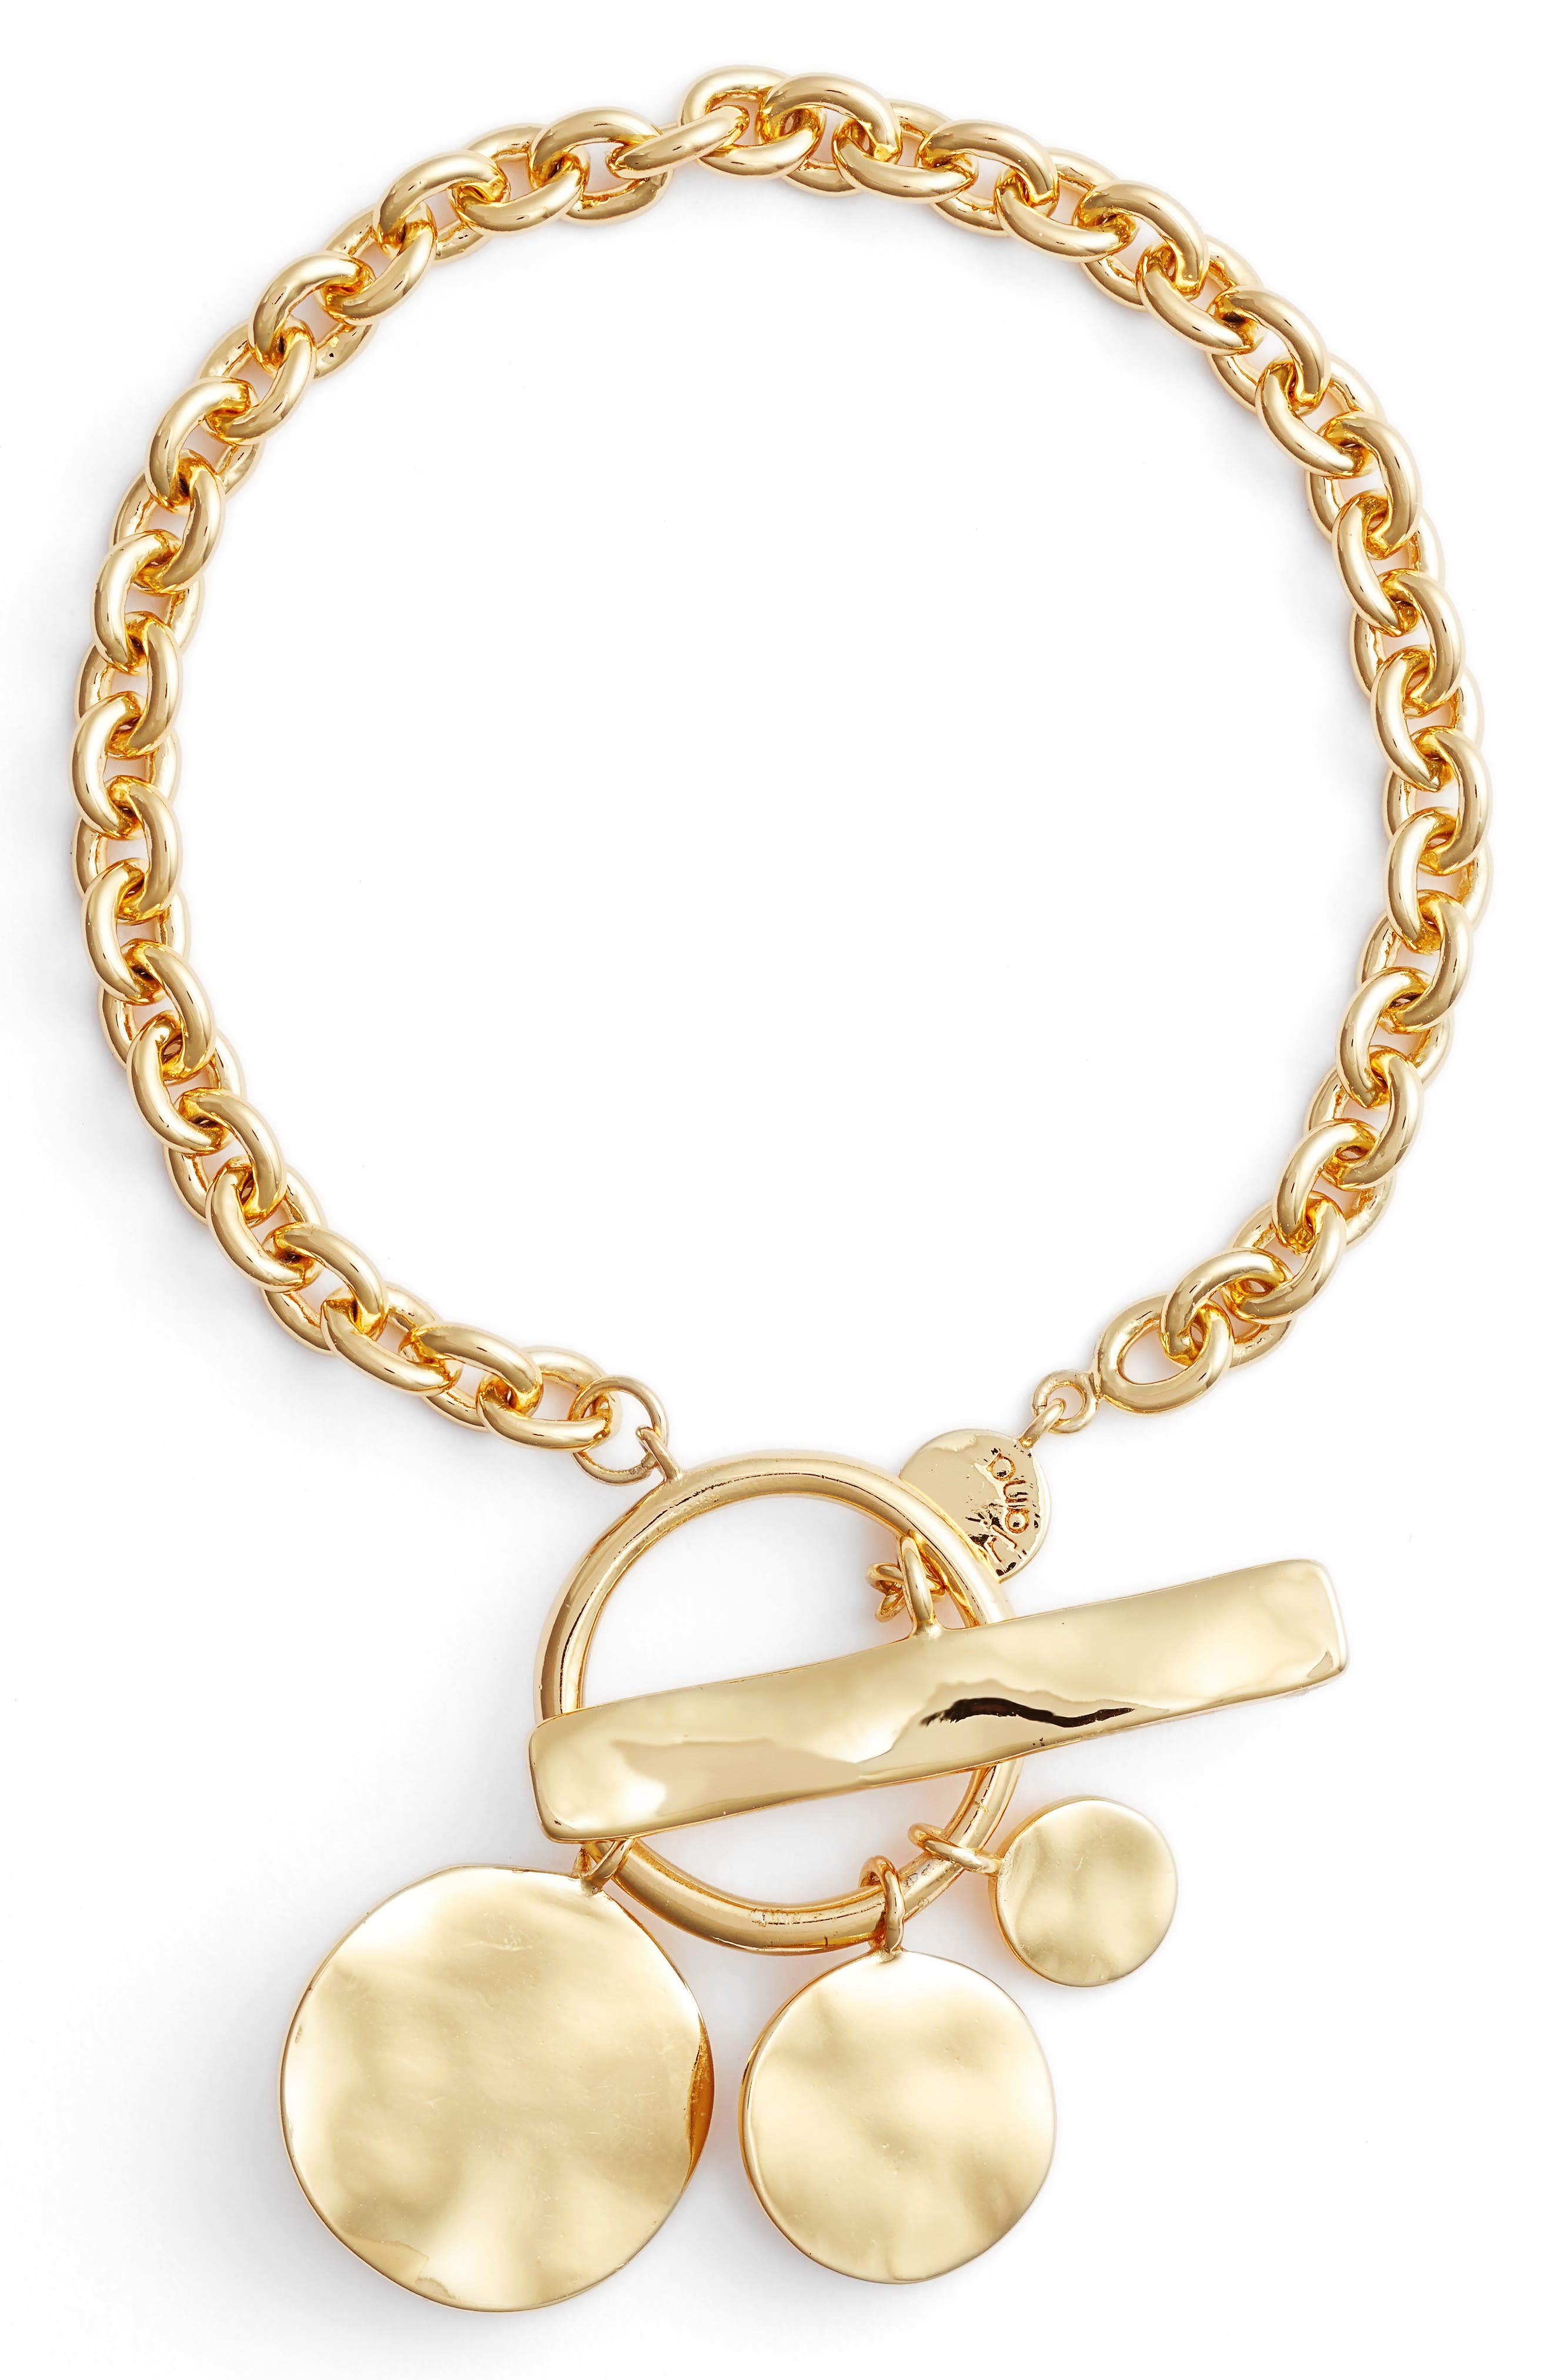 Chloe Hammered Disc Toggle Bracelet,                         Main,                         color,